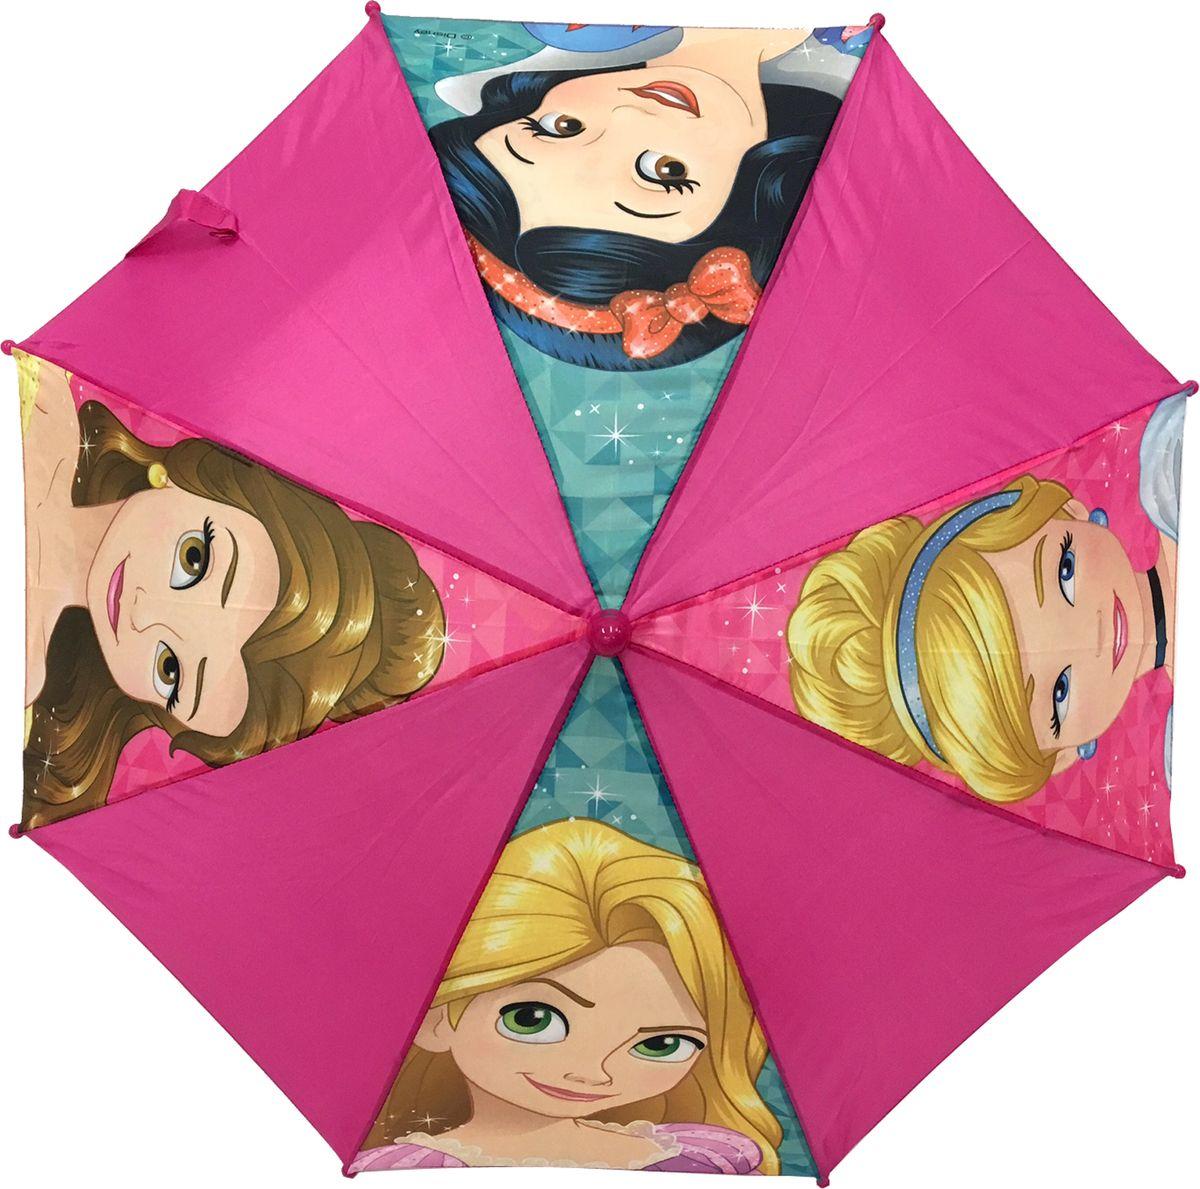 Зонт-трость для девочки Disney Princess, механический, цвет: розовый. 34793.7-12 navyКомпактный детский зонтик-трость Disney Princess станет замечательным подарком и защитит вашу принцессу не только от дождя, но и от солнца. Красочный дизайн зонтика поднимет настроение и станет незаменимым атрибутом прогулки. Ребенок сможет сам открывать и закрывать зонтик, благодаря легкому механизму, а оригинальная расцветка зонтика привлечет к себе внимание. Тип механизма: механика (открывается и закрывается модель с помощью нажатия на кнопку). Конструкция зонта: зонт-трость.